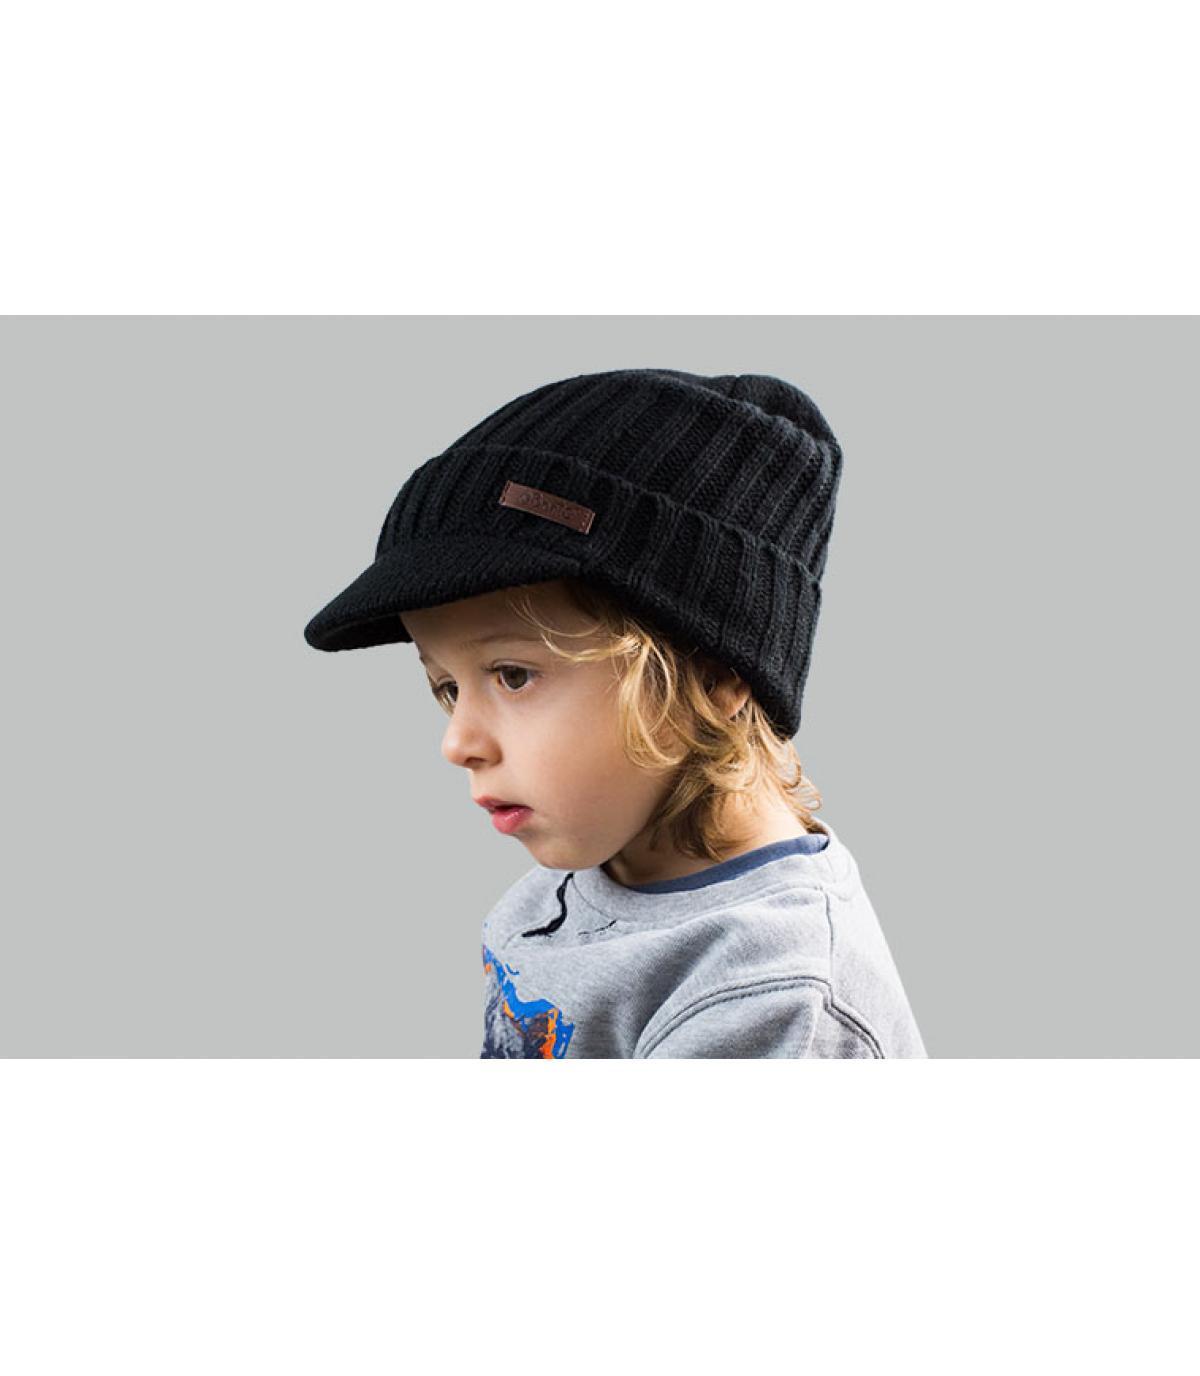 cappello nero visiera per bambini